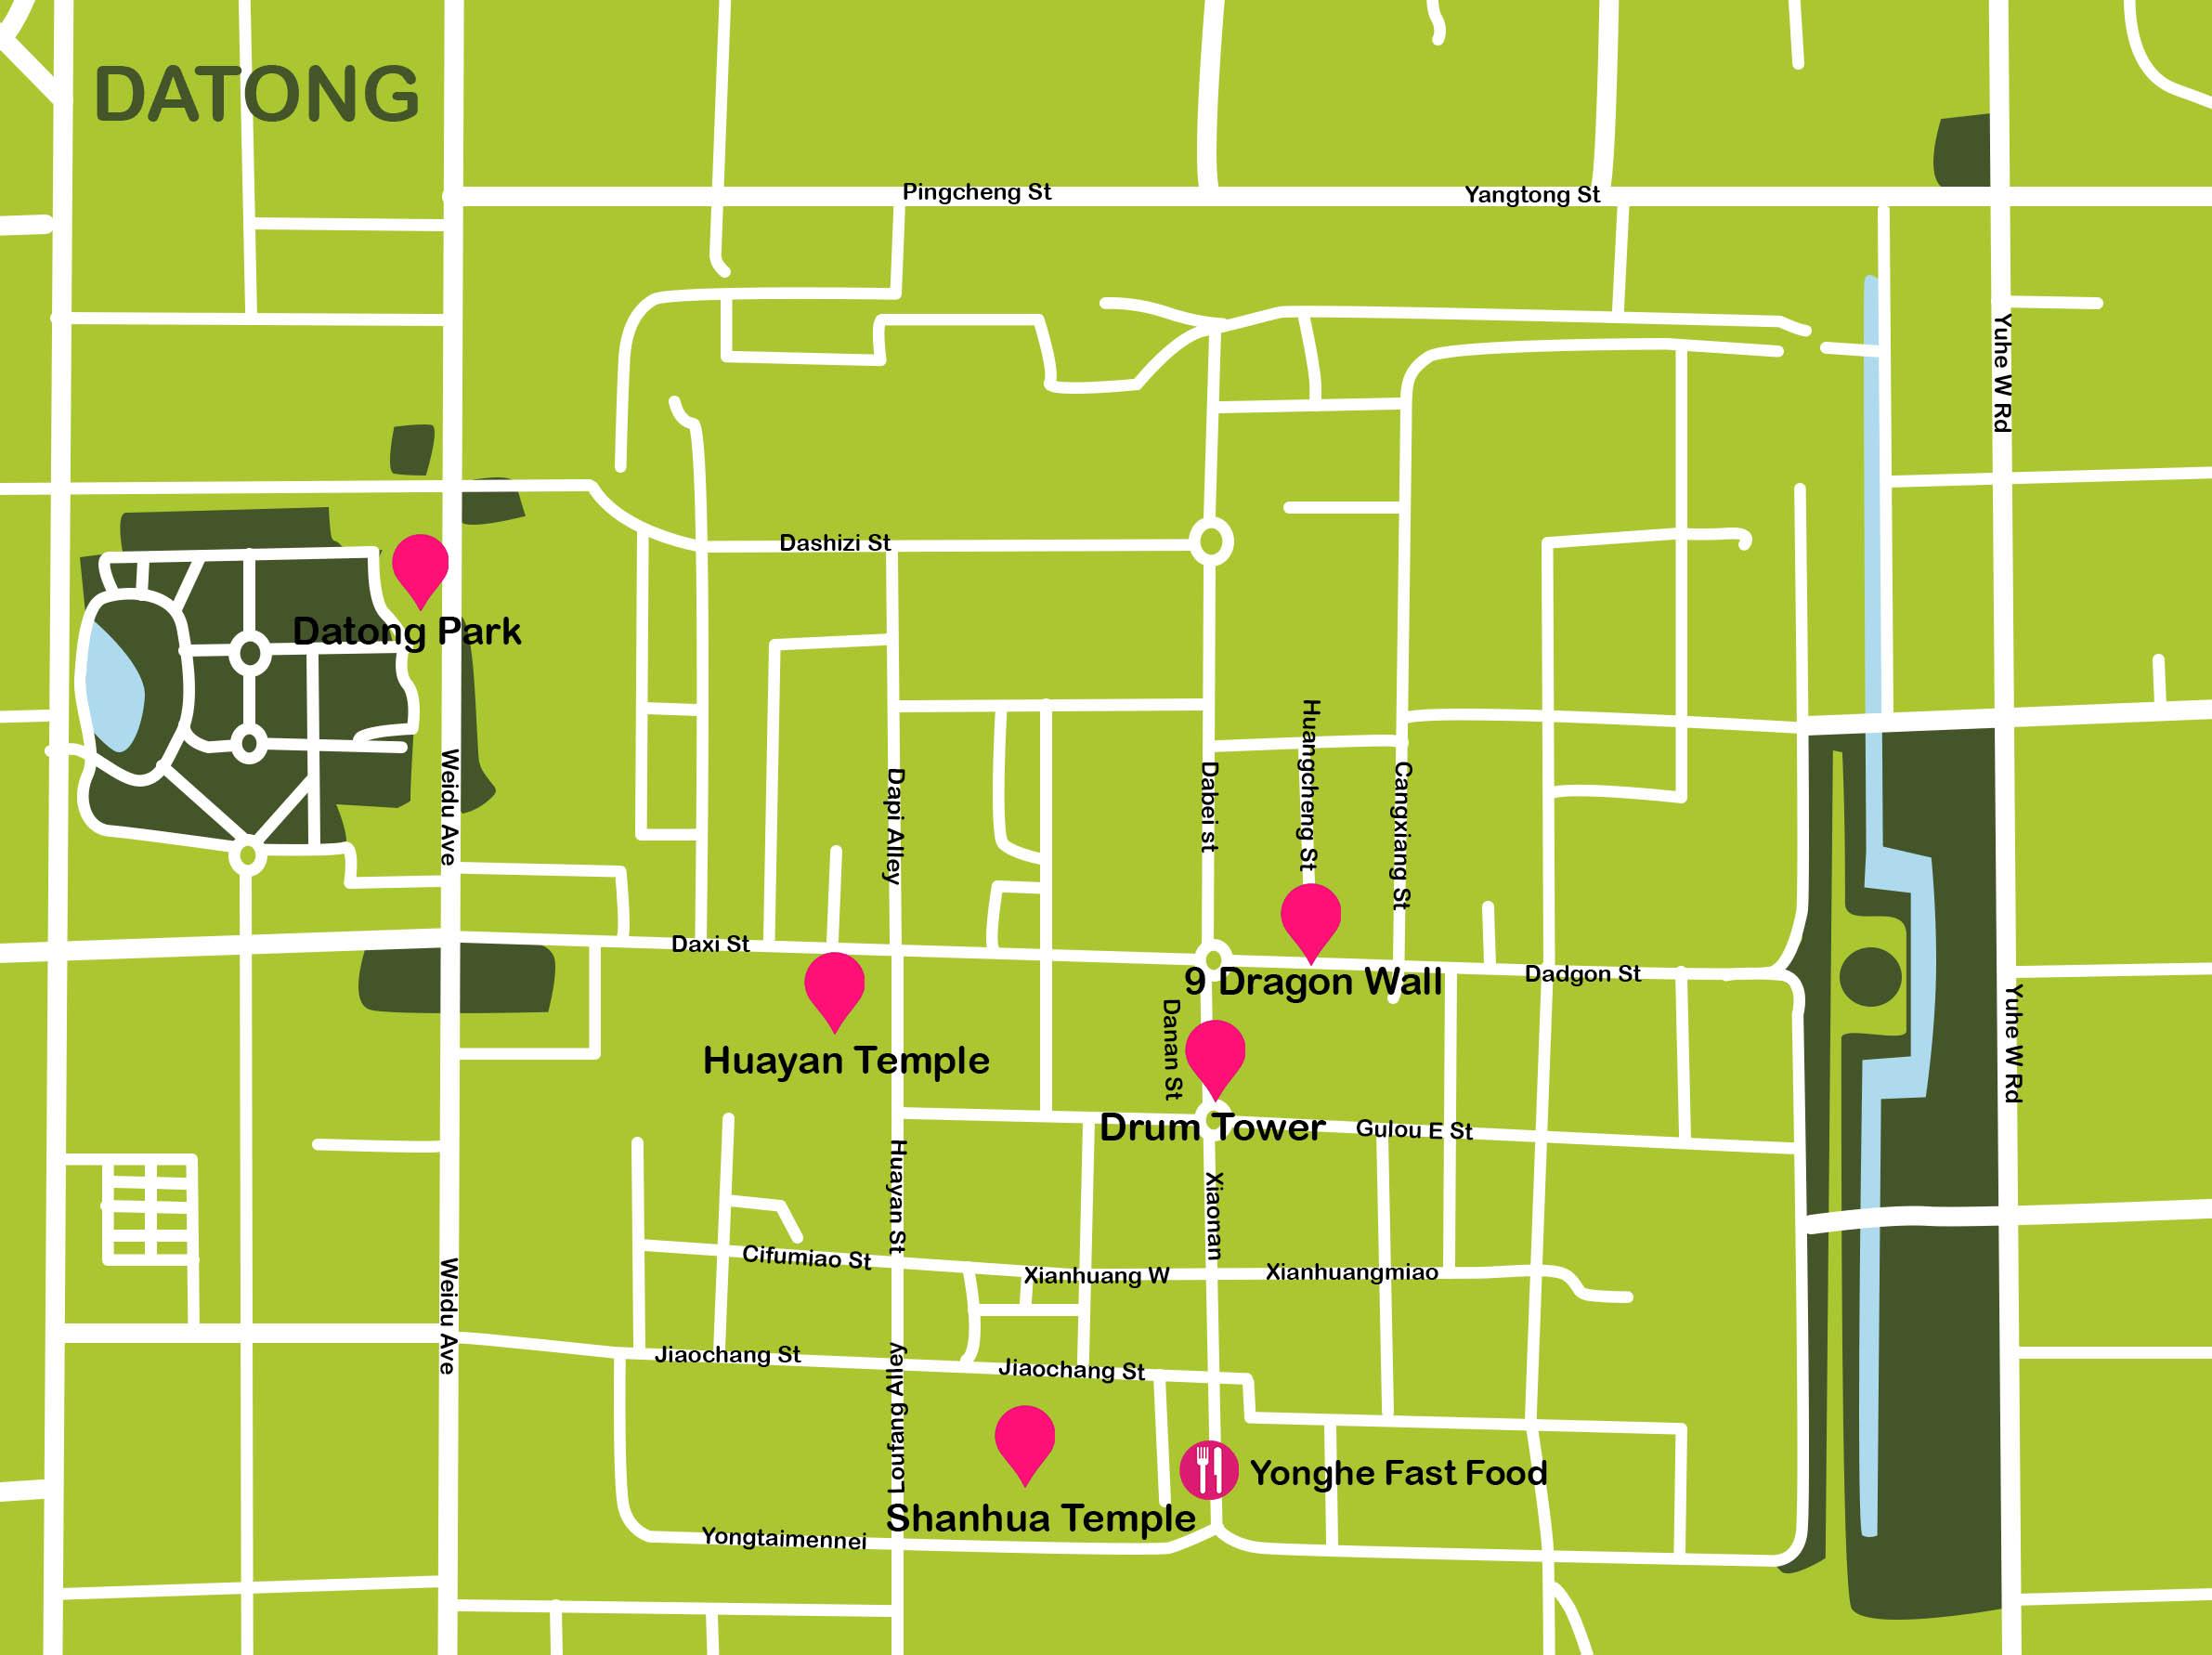 Mapa de China. Datong